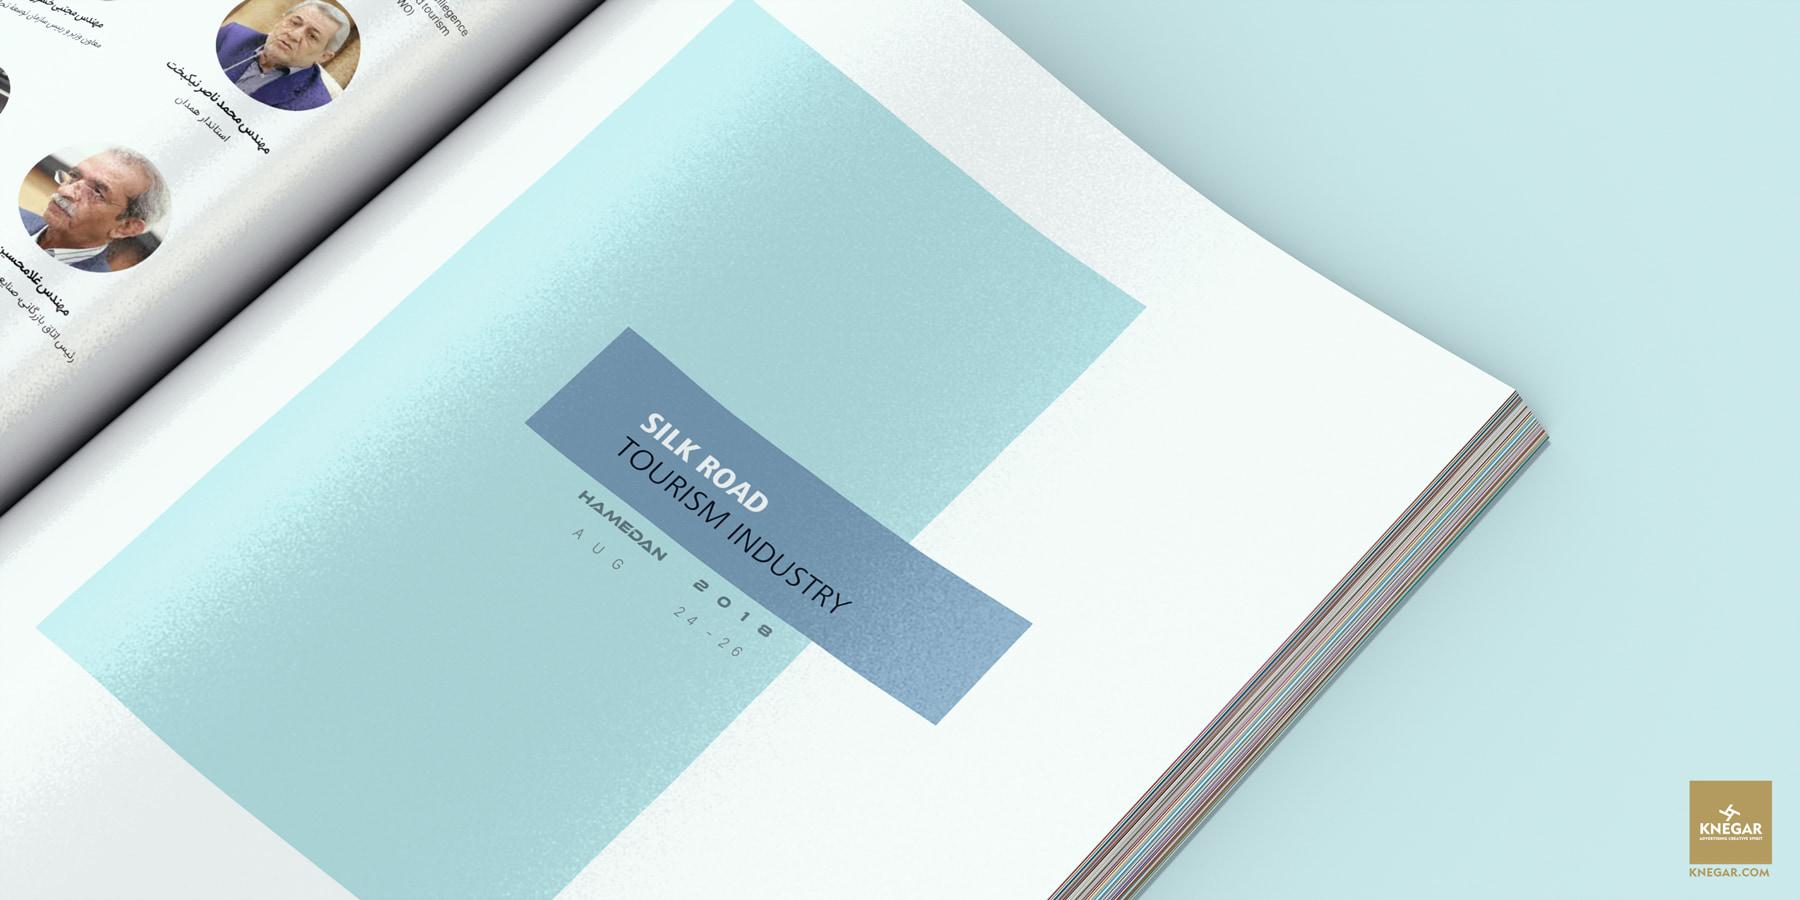 طراحی کاتالوگ نمایشگاه - چاپ کاتالوگ